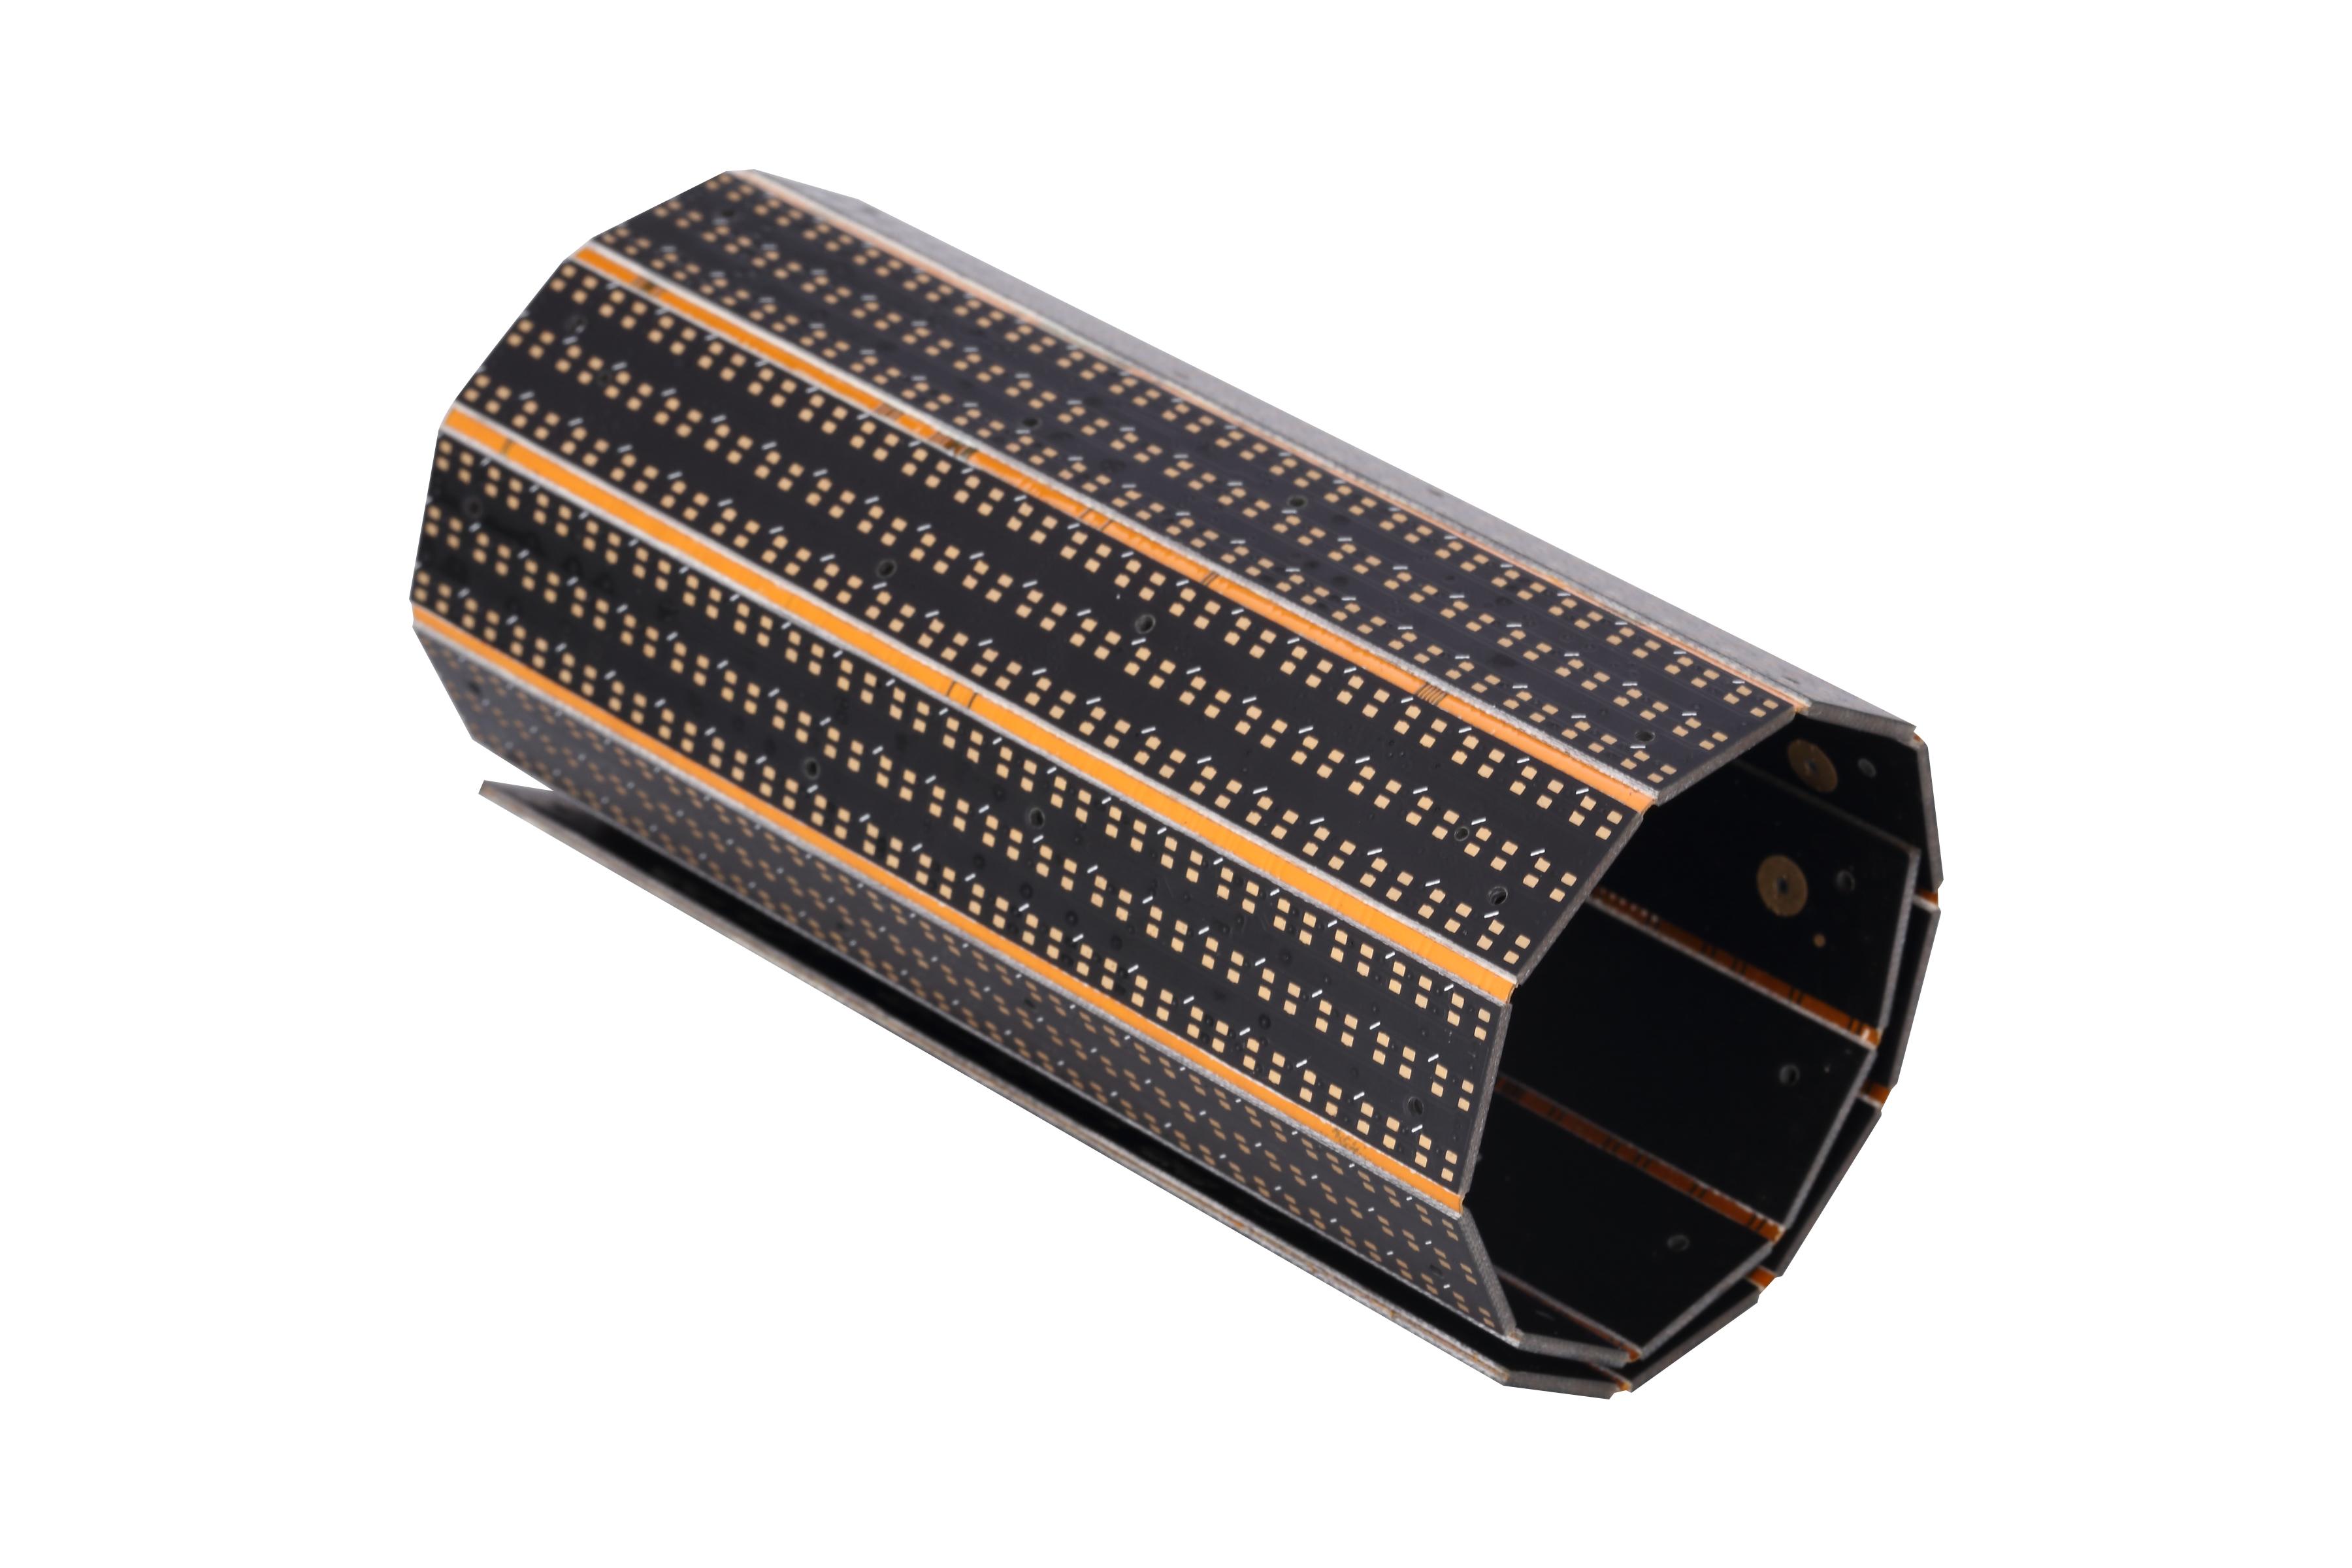 河南销售电路板新报价,电路板,香港特别行政电路板销售价格,广州知名电路板要多少钱,广州优质电路板销售厂家,四川专业多层线路板哪家好